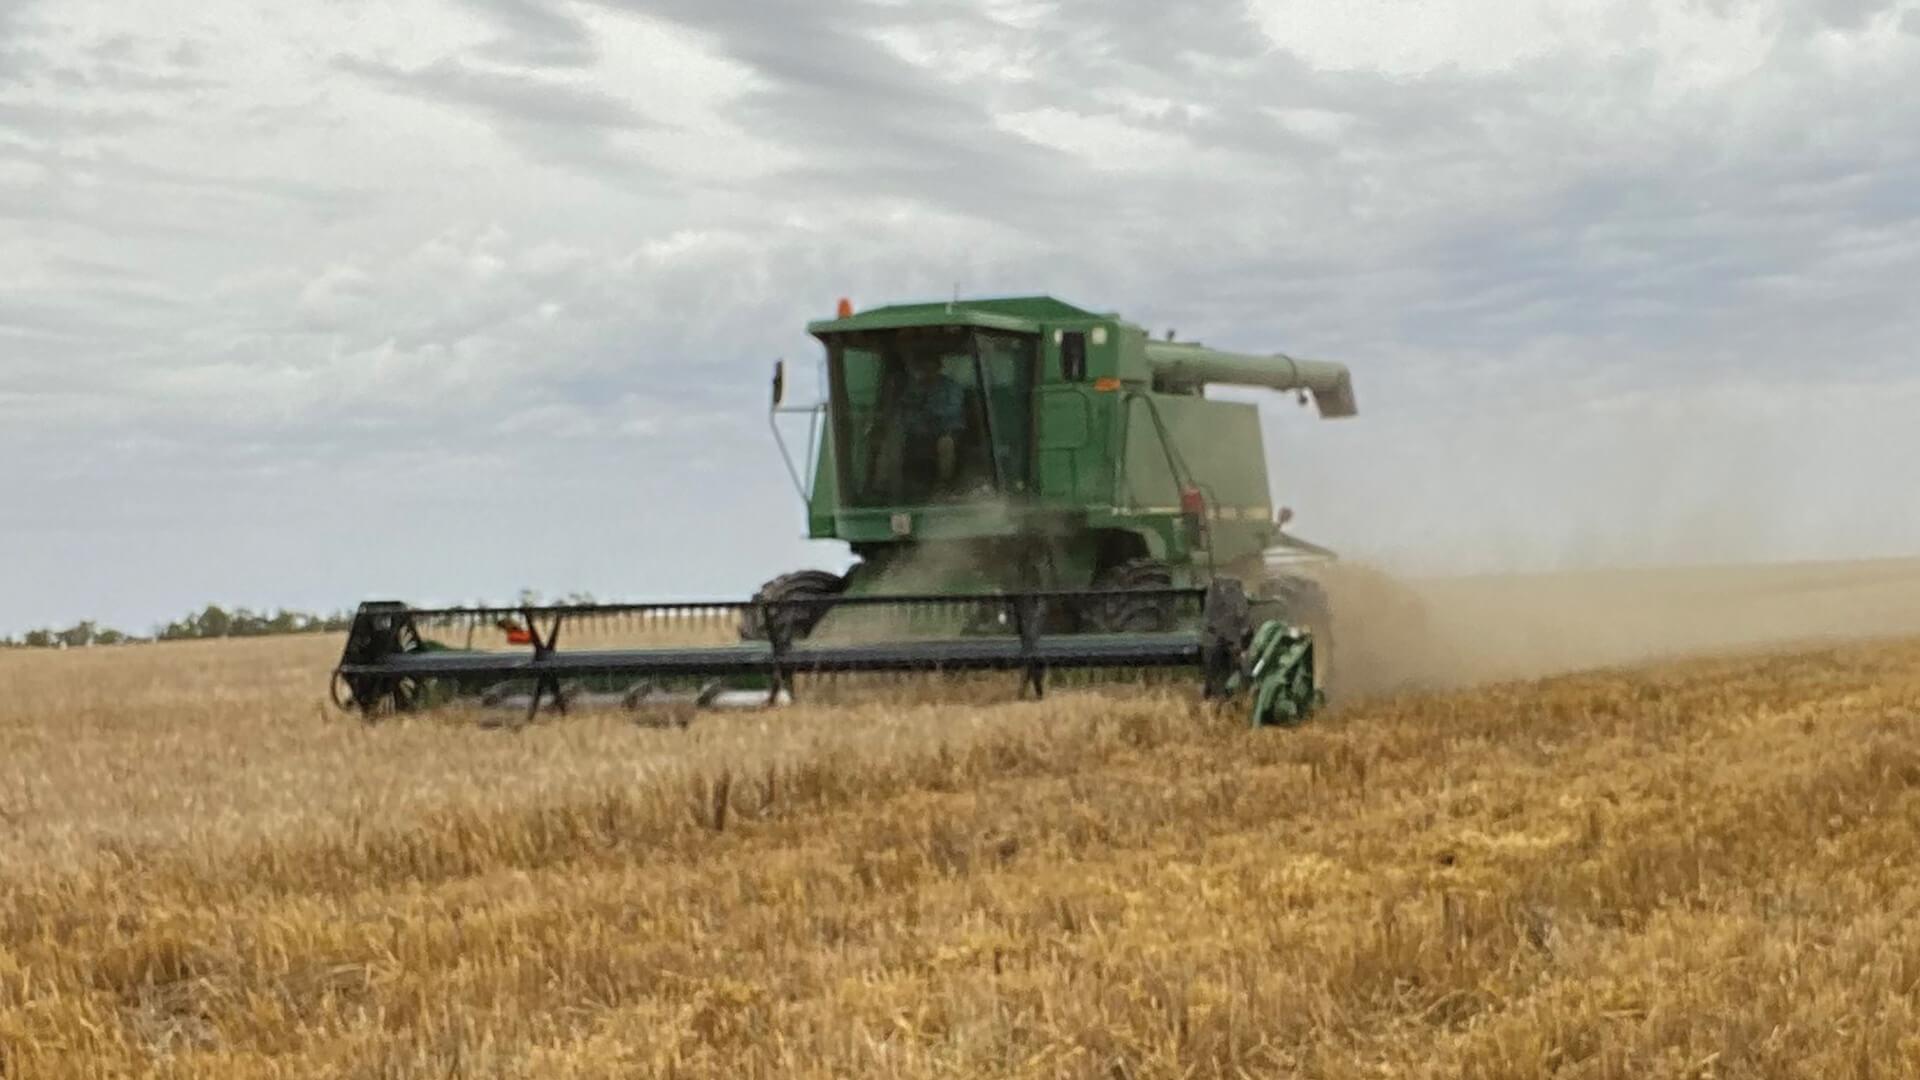 Galluzzo Produce in the Riverina harvesting wheat